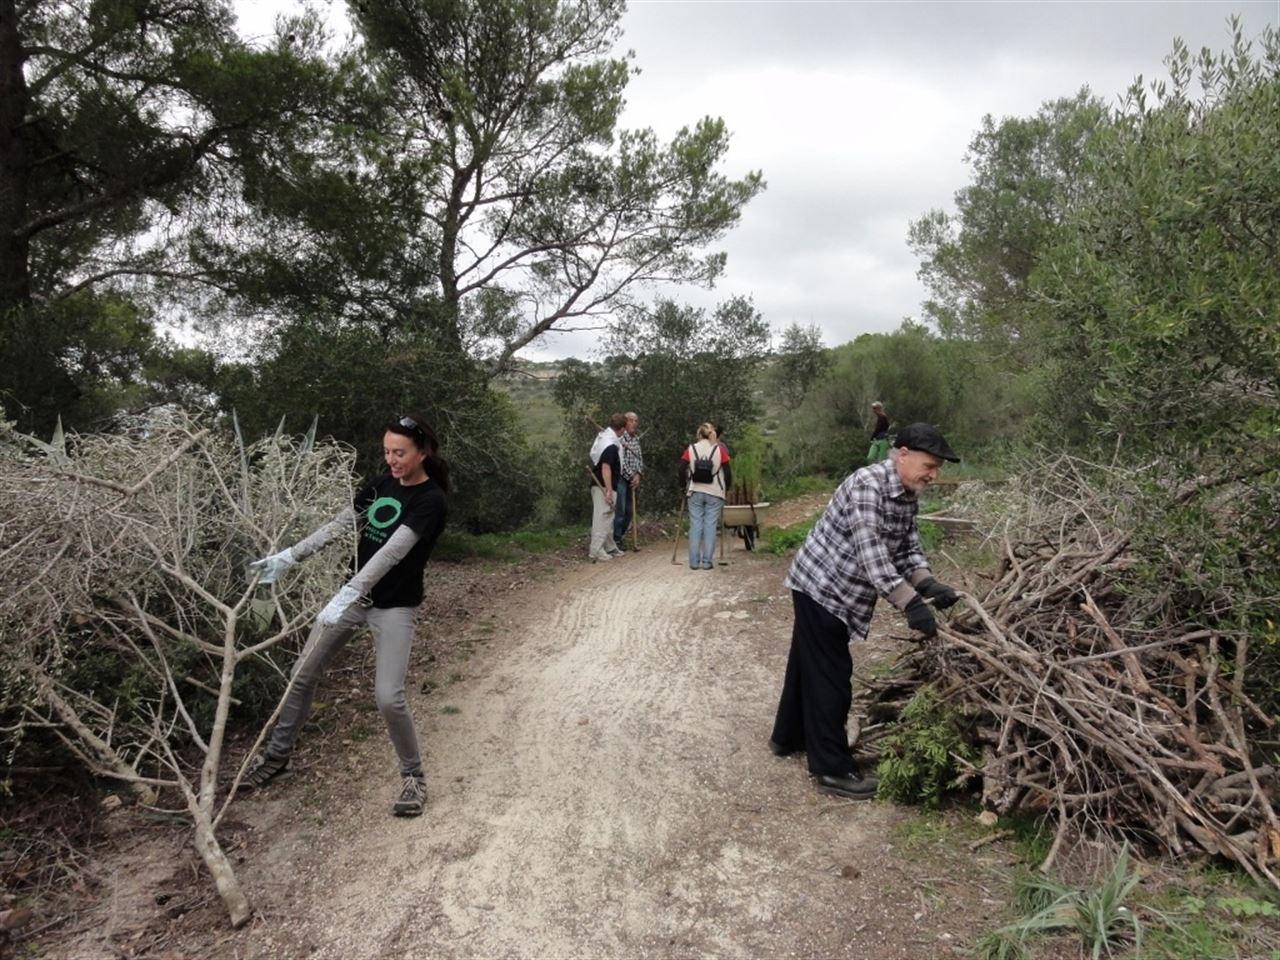 Para aprovechar la biomasa, Amics de la Terra realiza tareas de limpieza y reforestación en Son Honorat (Baleares)